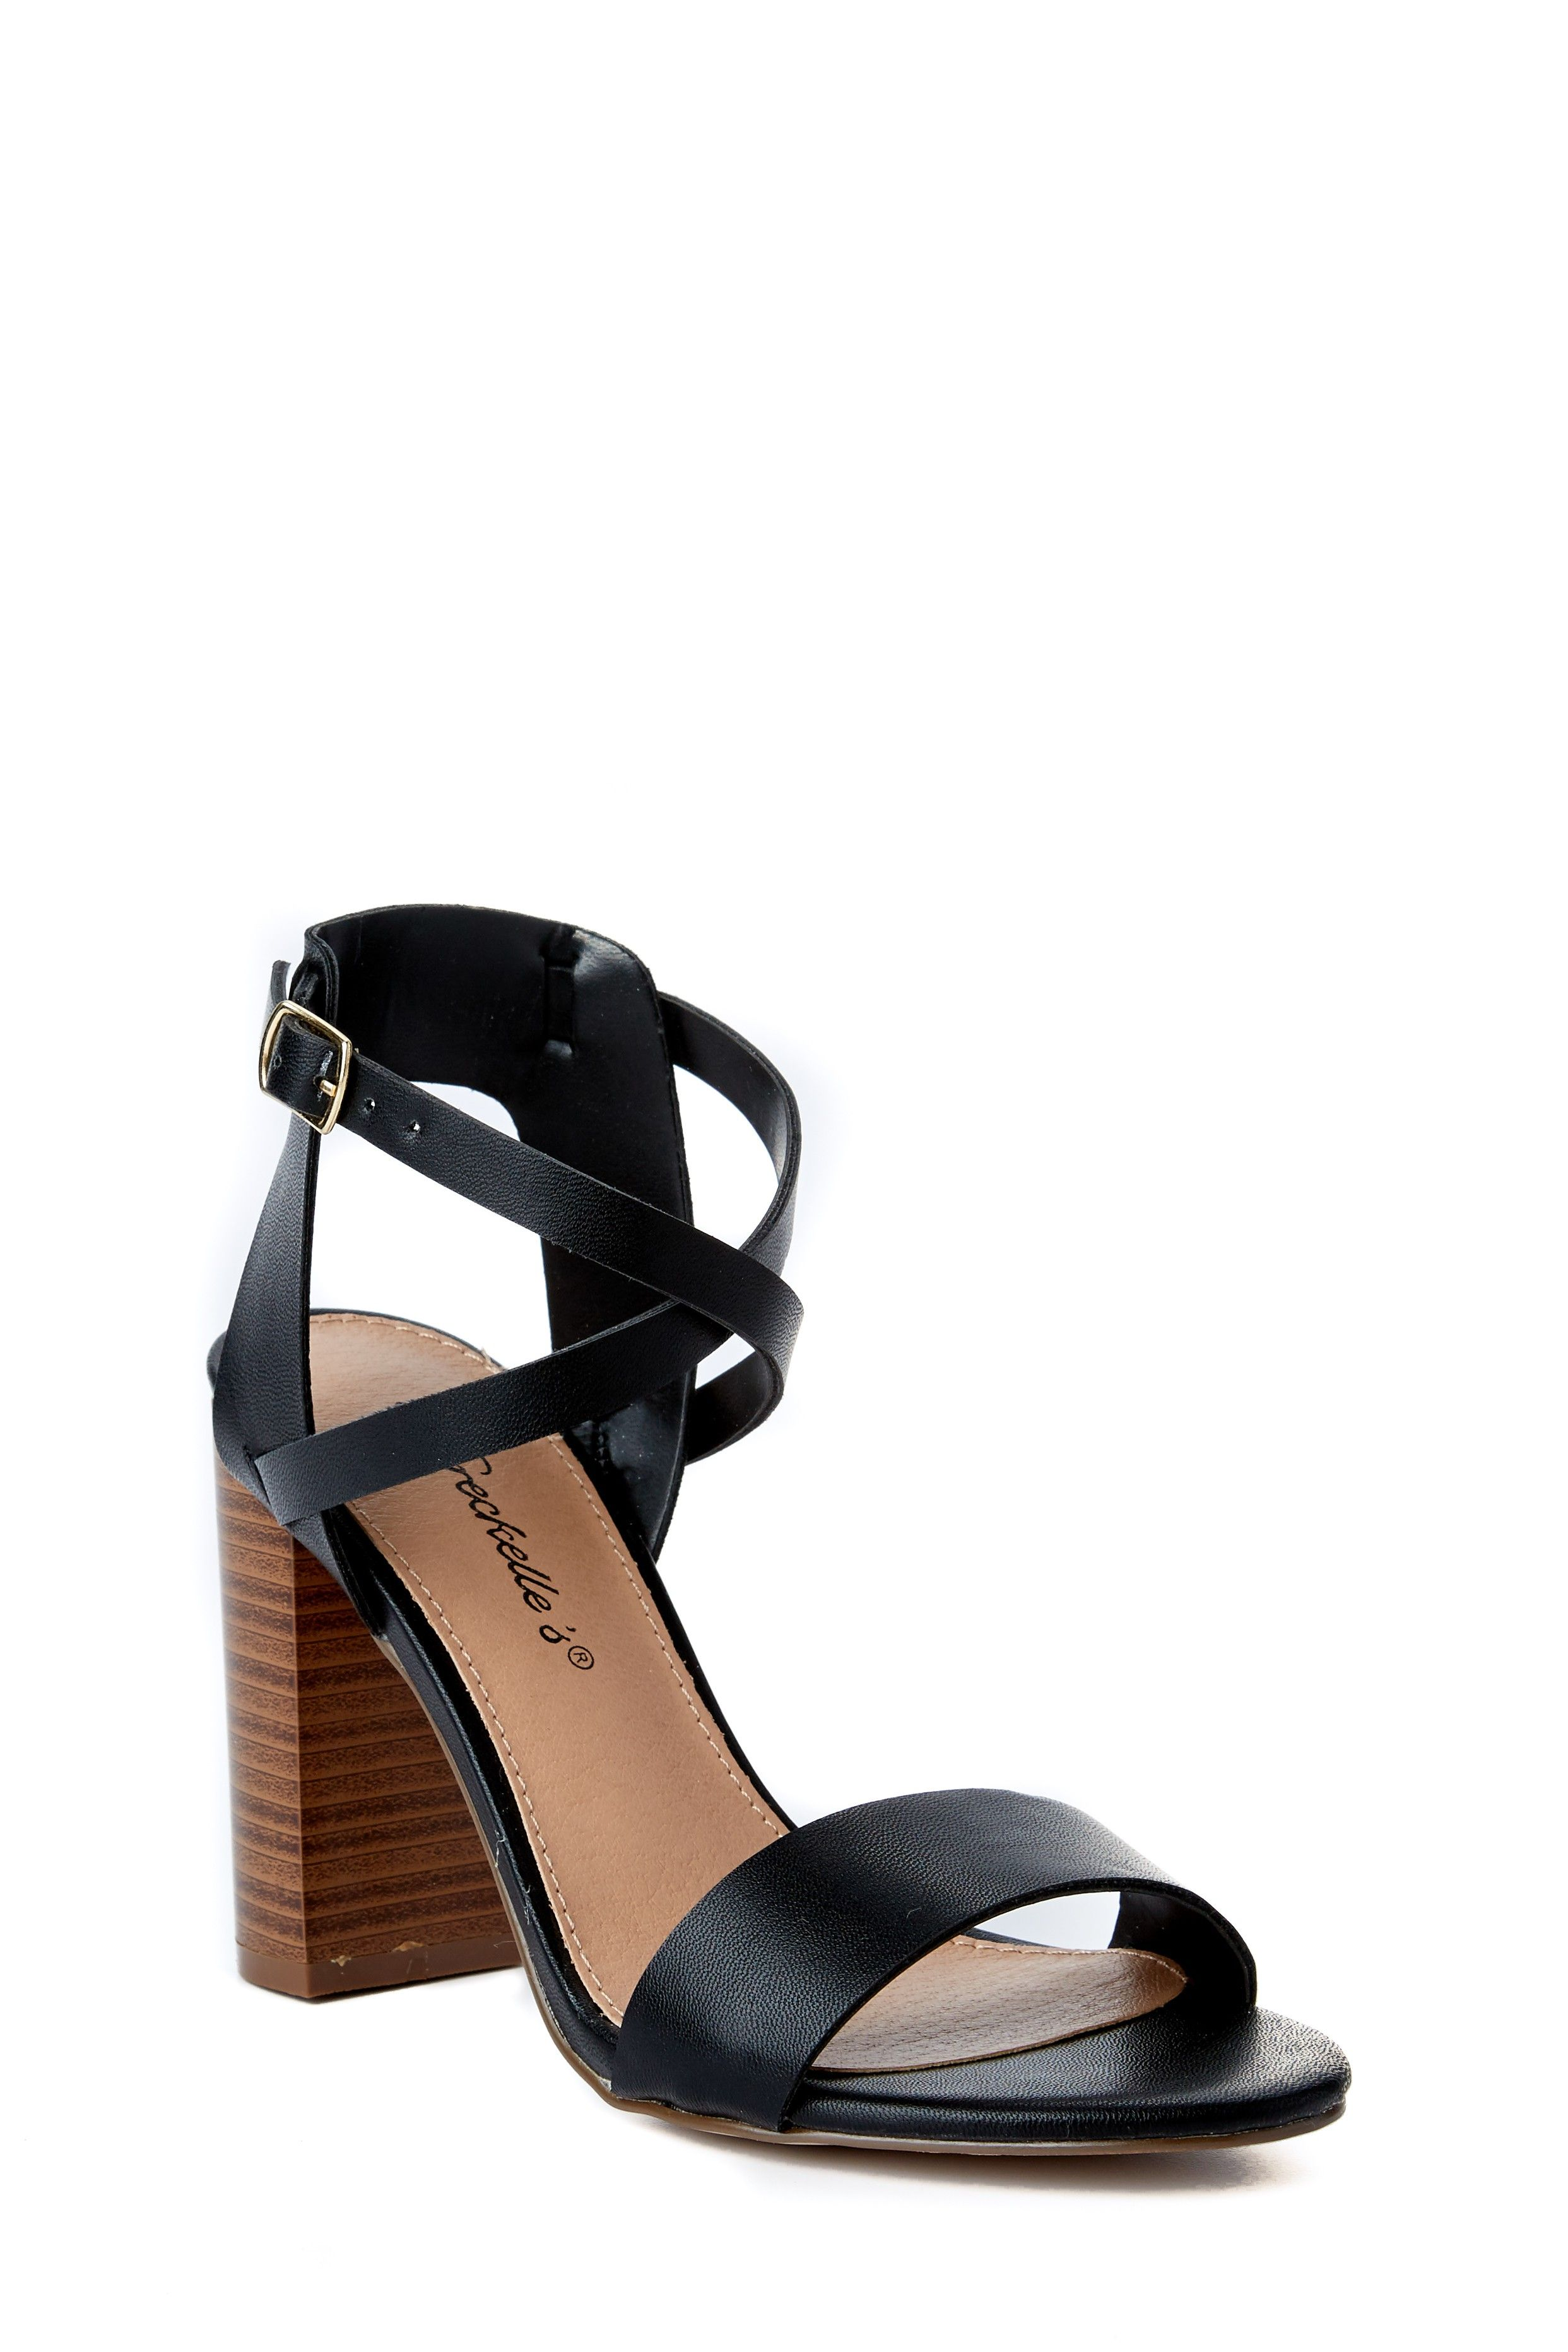 3a7fc997748 Cute Black Heels - High Heel Sandals - Ankle Strap Heels -  28.00 ...